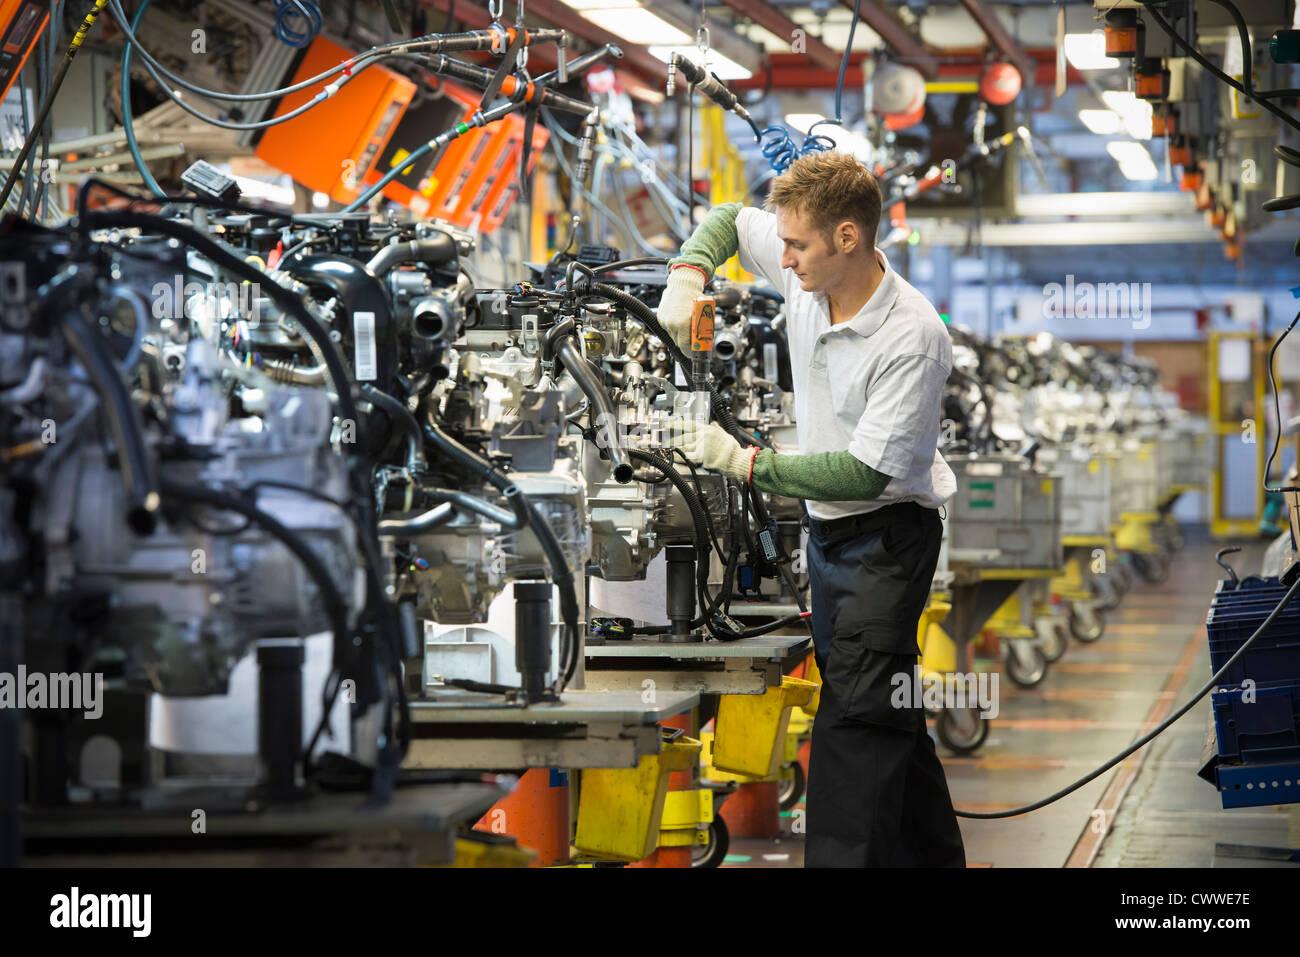 Arbeiter mit Motoren auf Produktionslinie in Automobilfabrik Stockbild